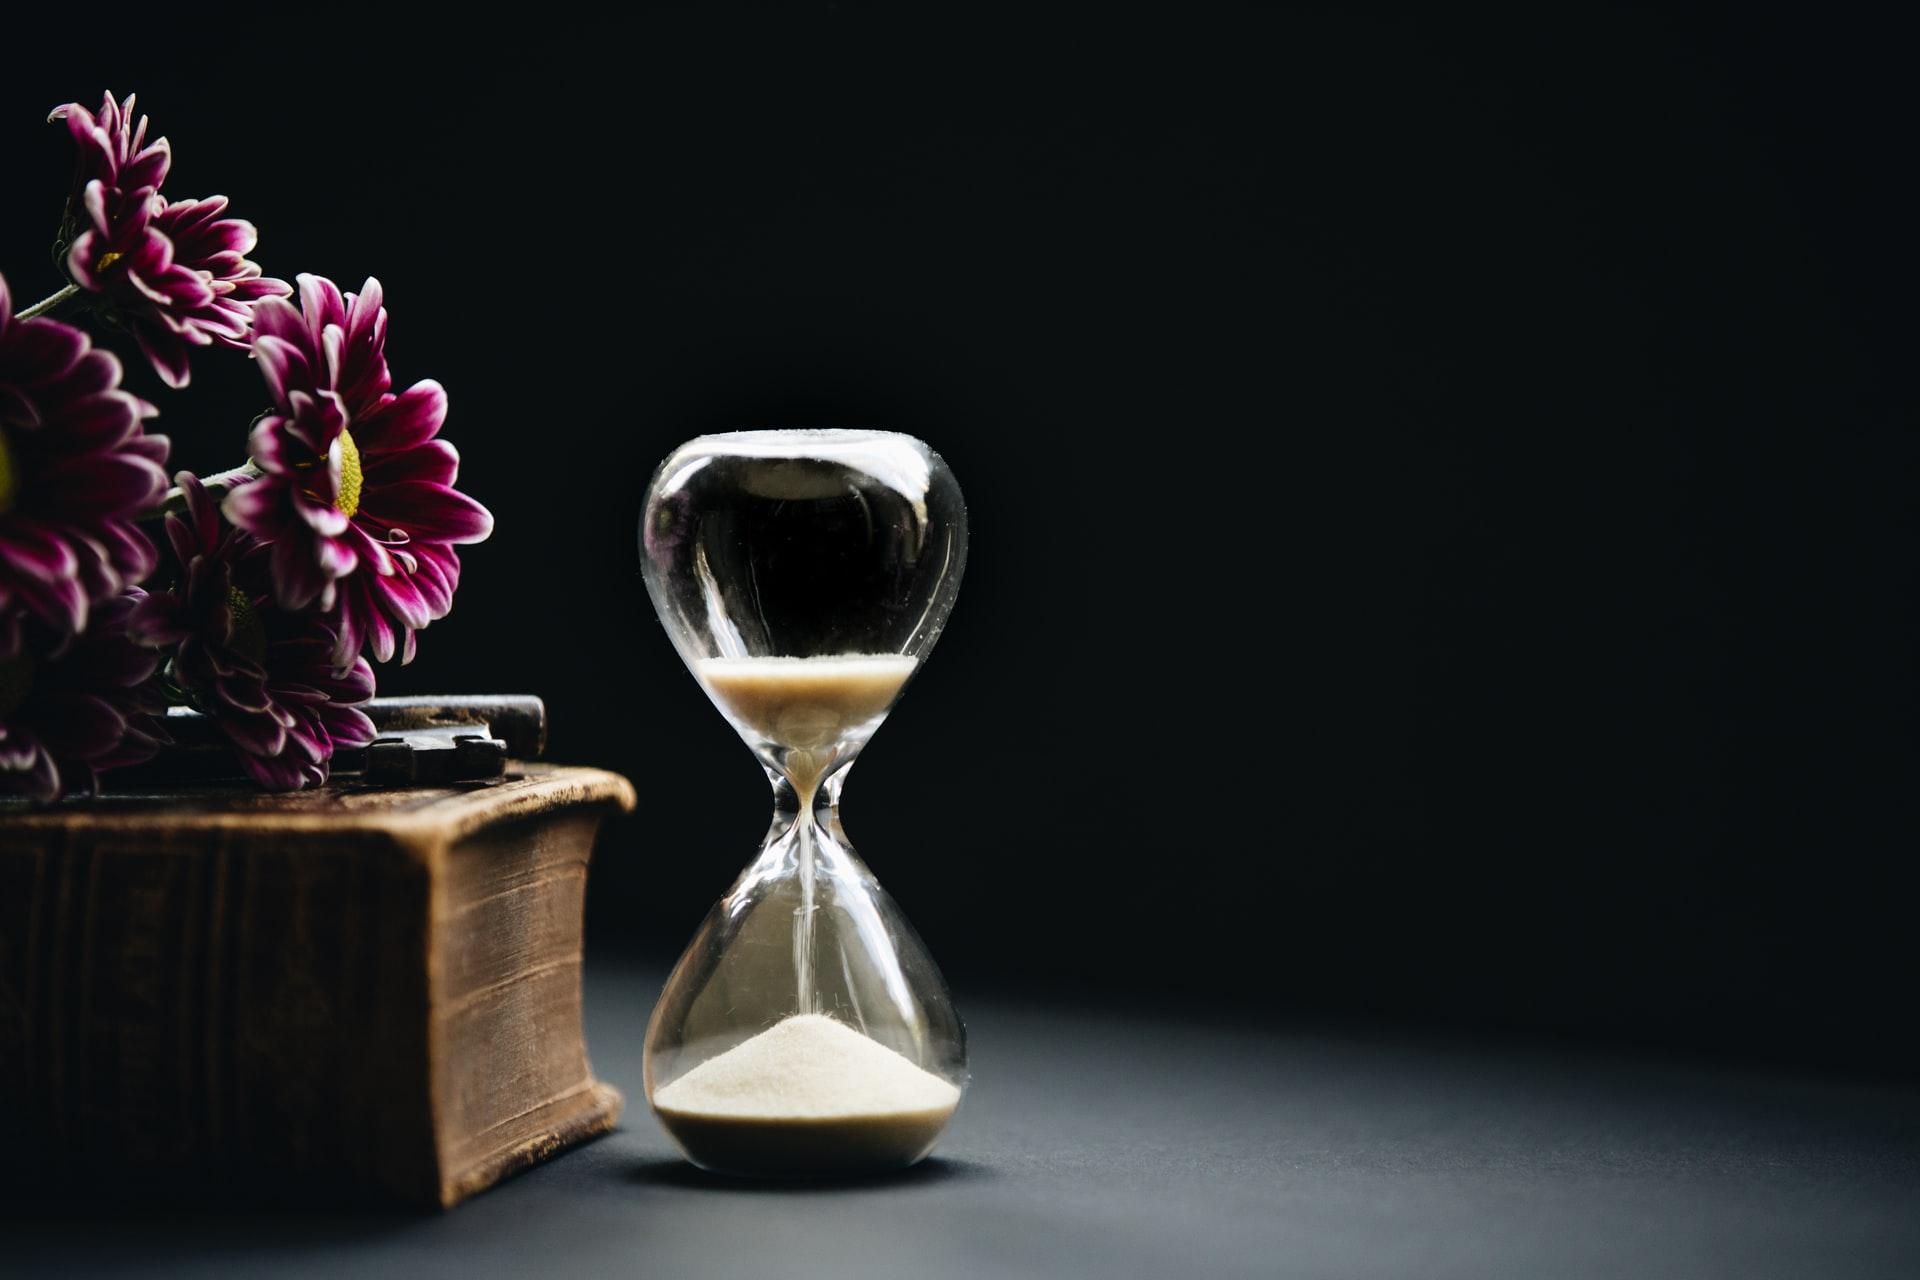 仕事、ステイケーション、ワーケーション、砂時計、時間